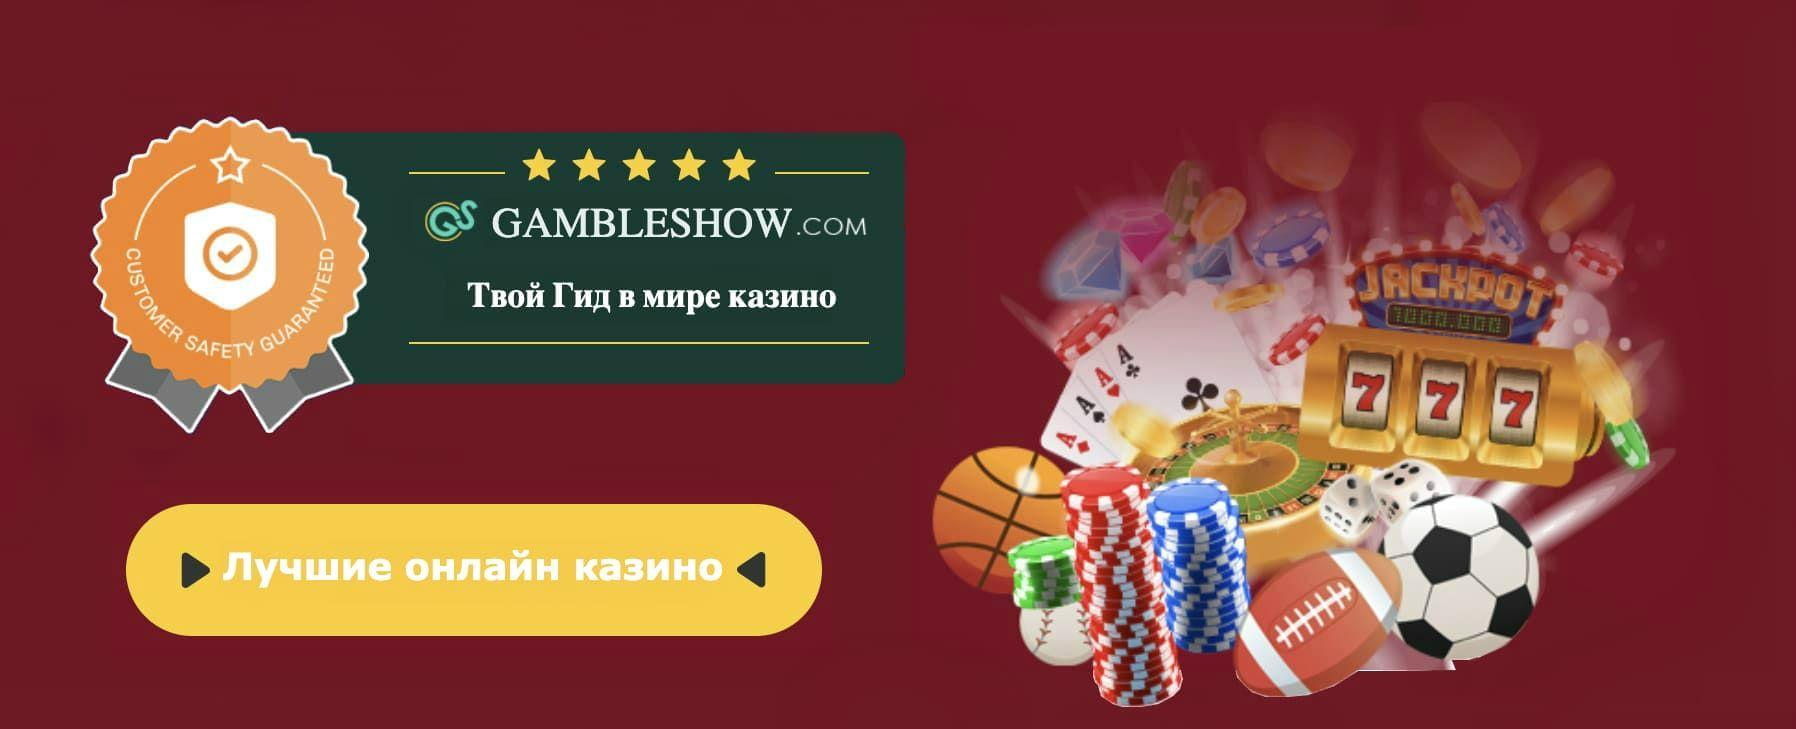 Рейтинг онлайн казино в мире шамбала казино отдел кадров